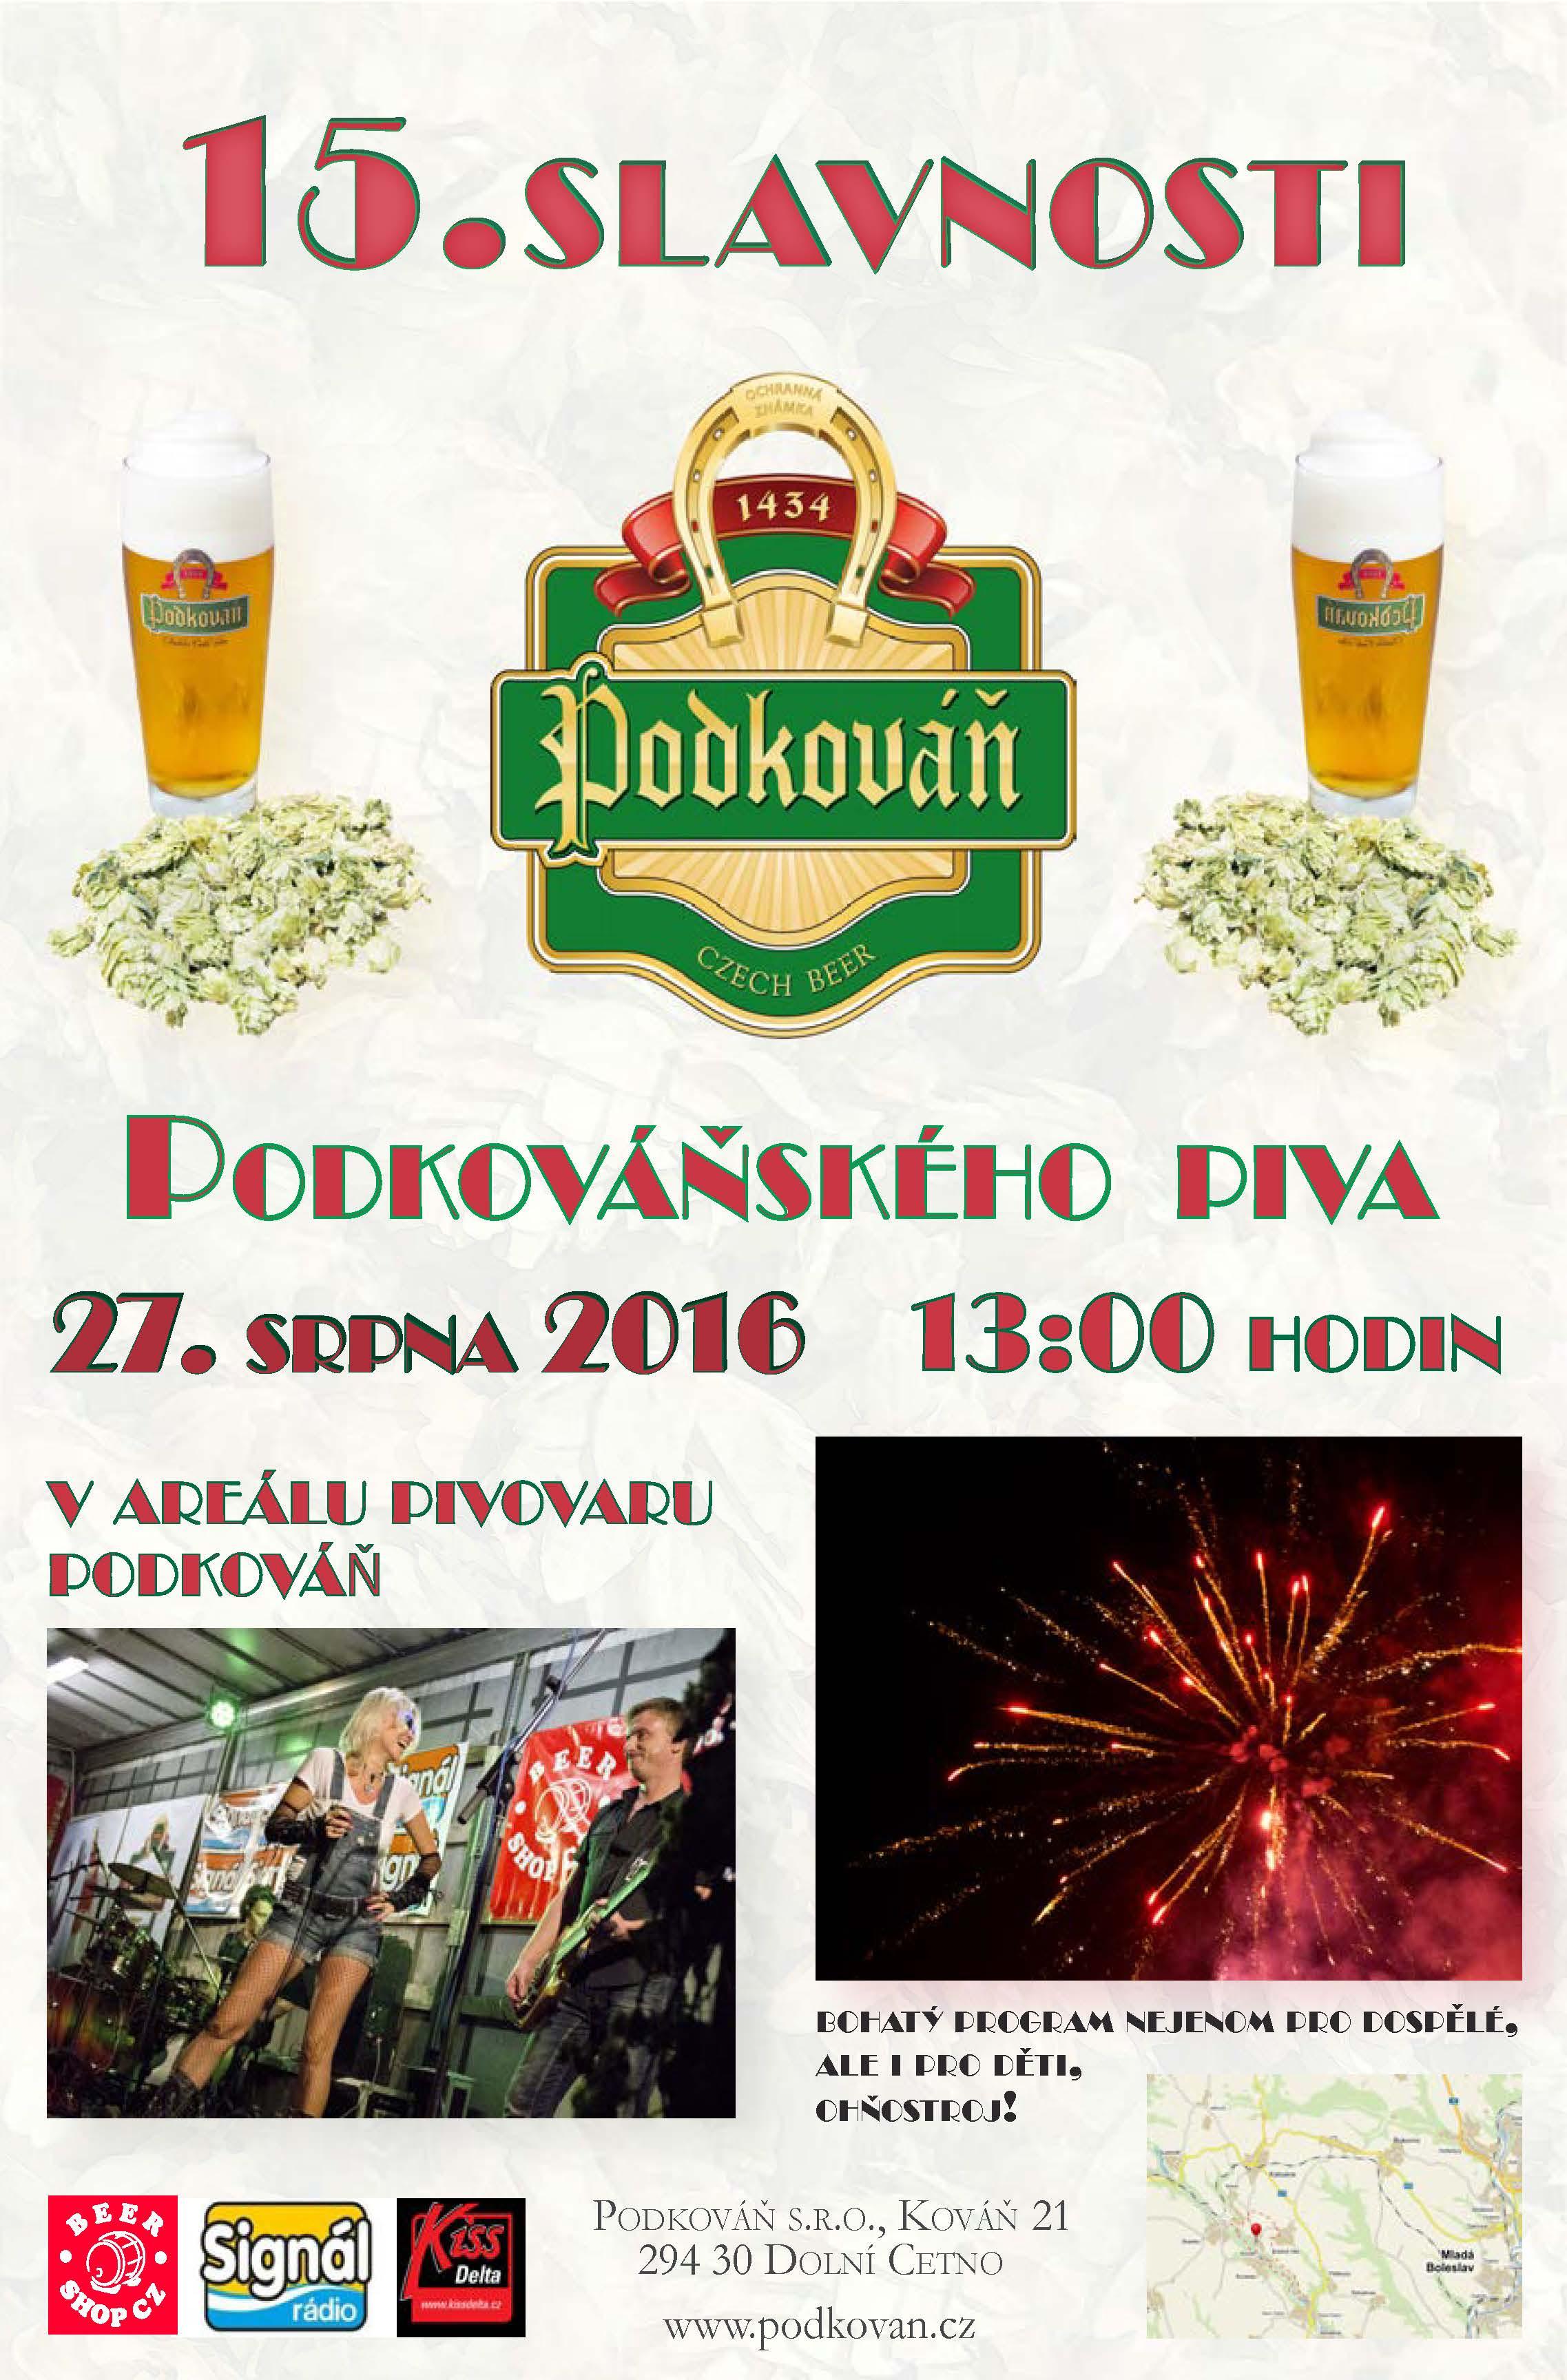 01_PODKOVAN_slavnosti_produkty_2016